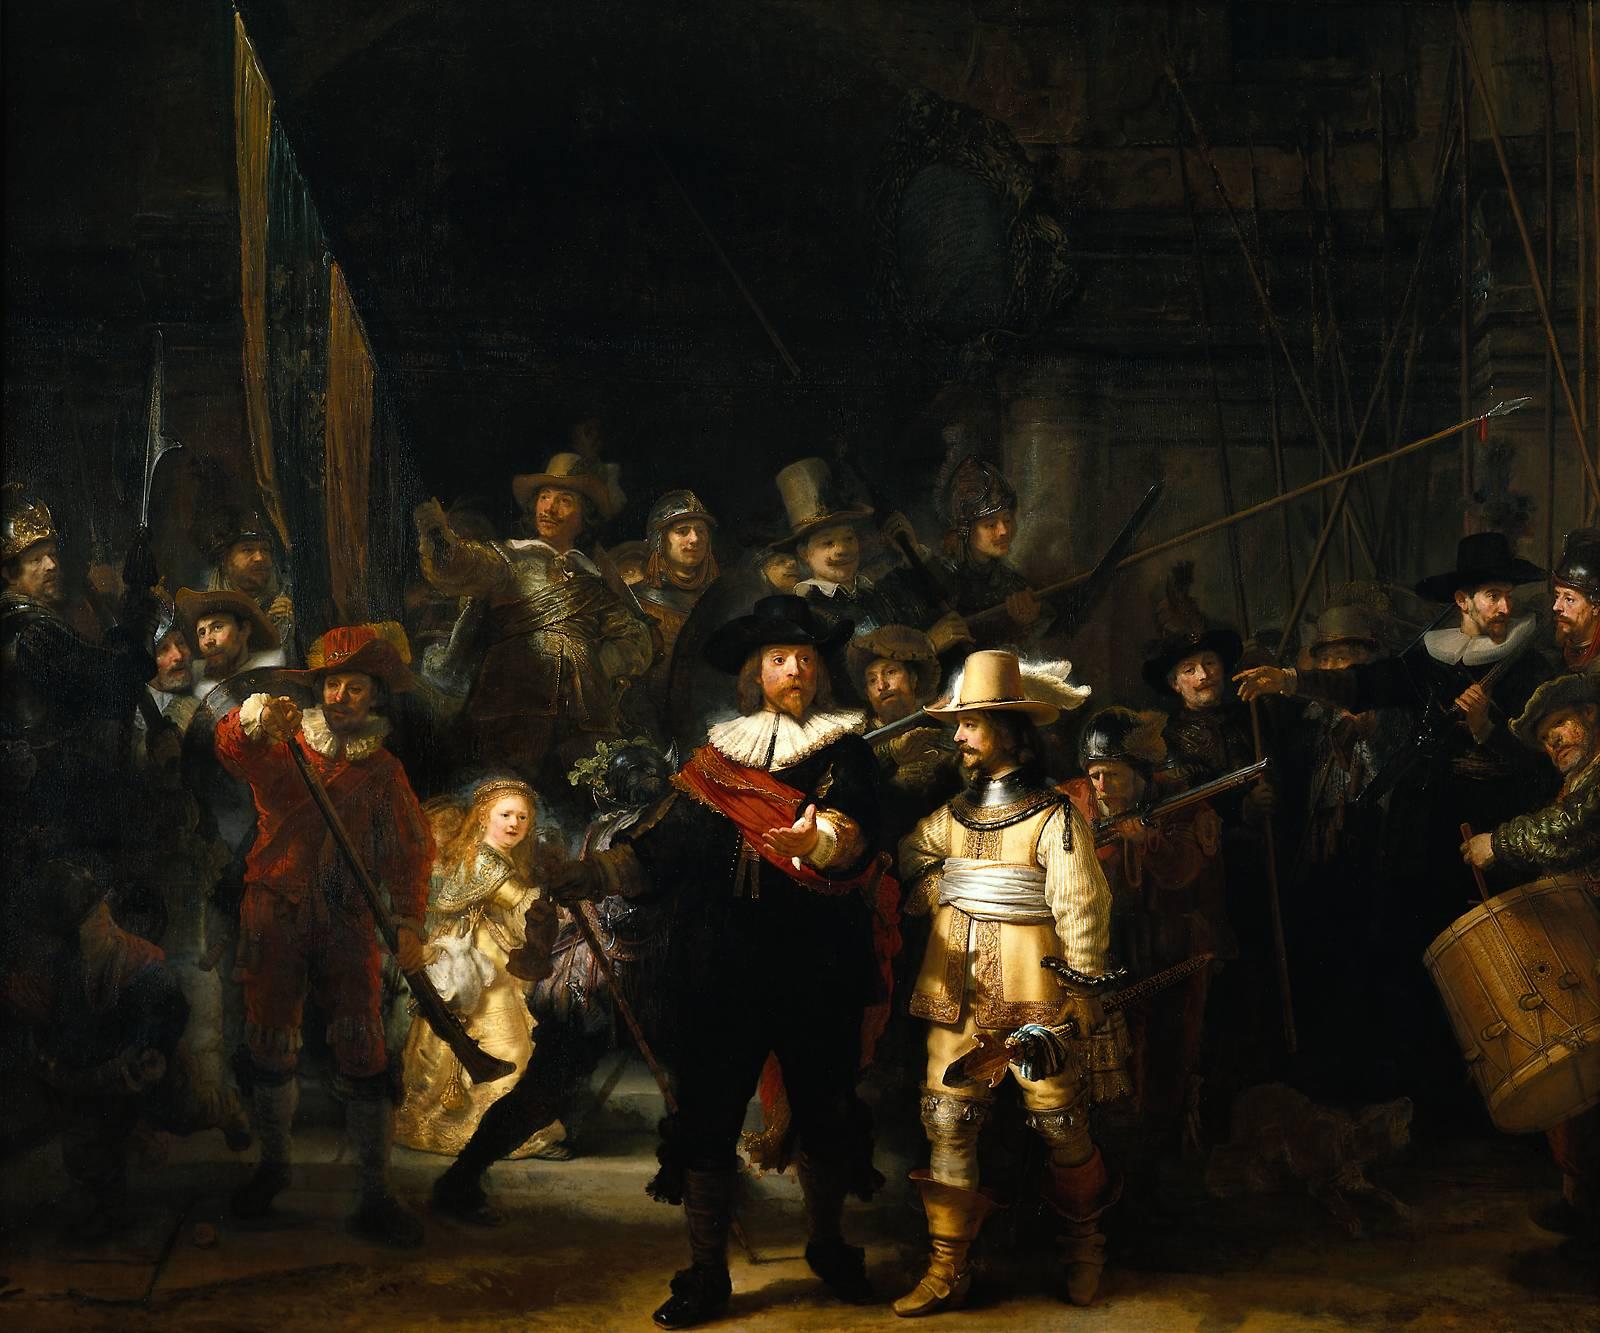 10 شاهکار نقاشي جهان